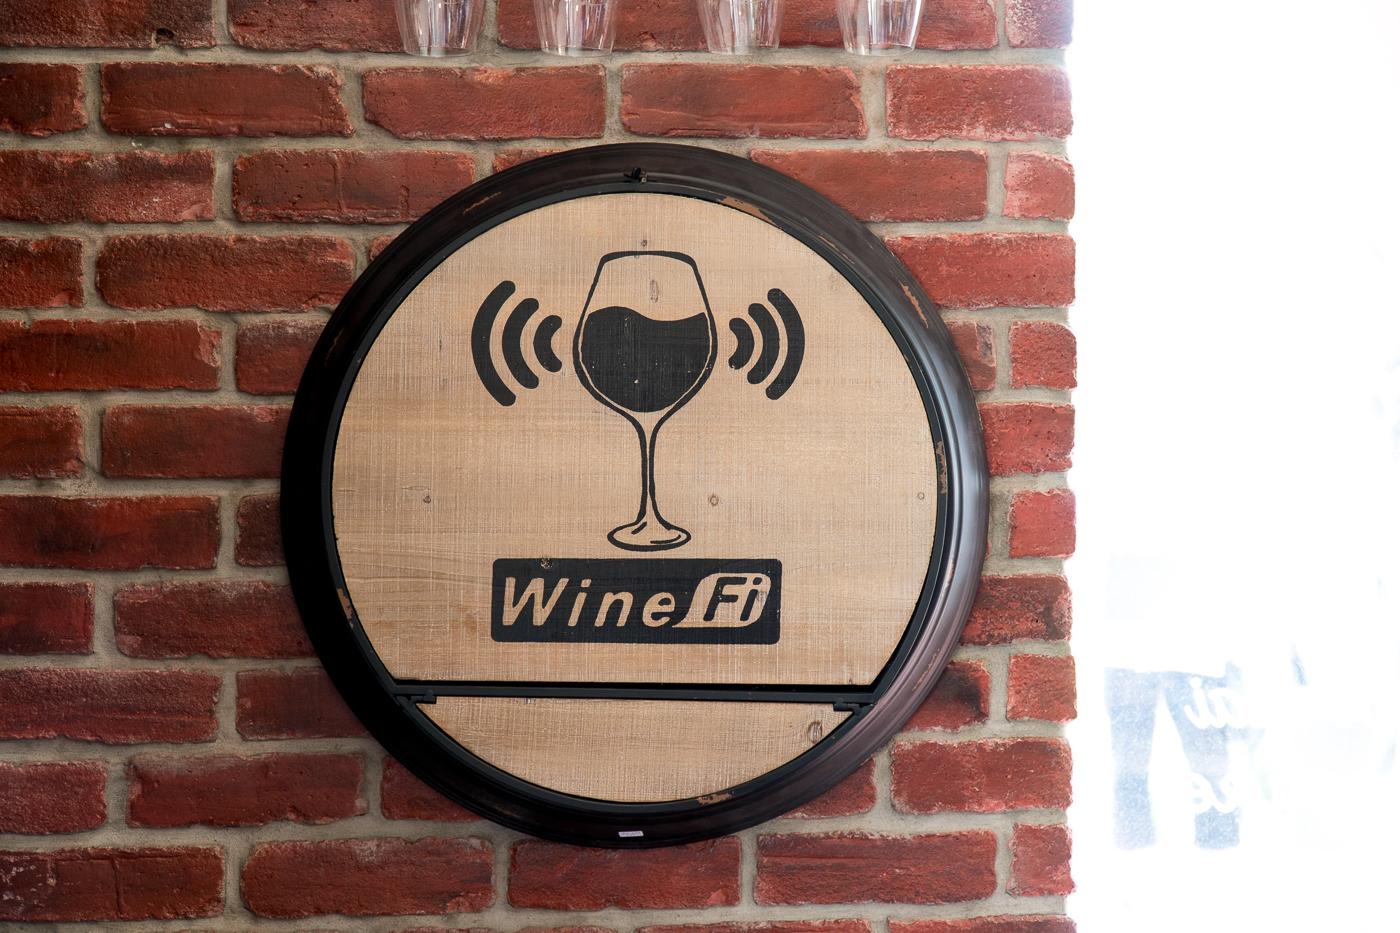 Affiche de zone Wi-Fi au Coteau des artisans - Vignoble